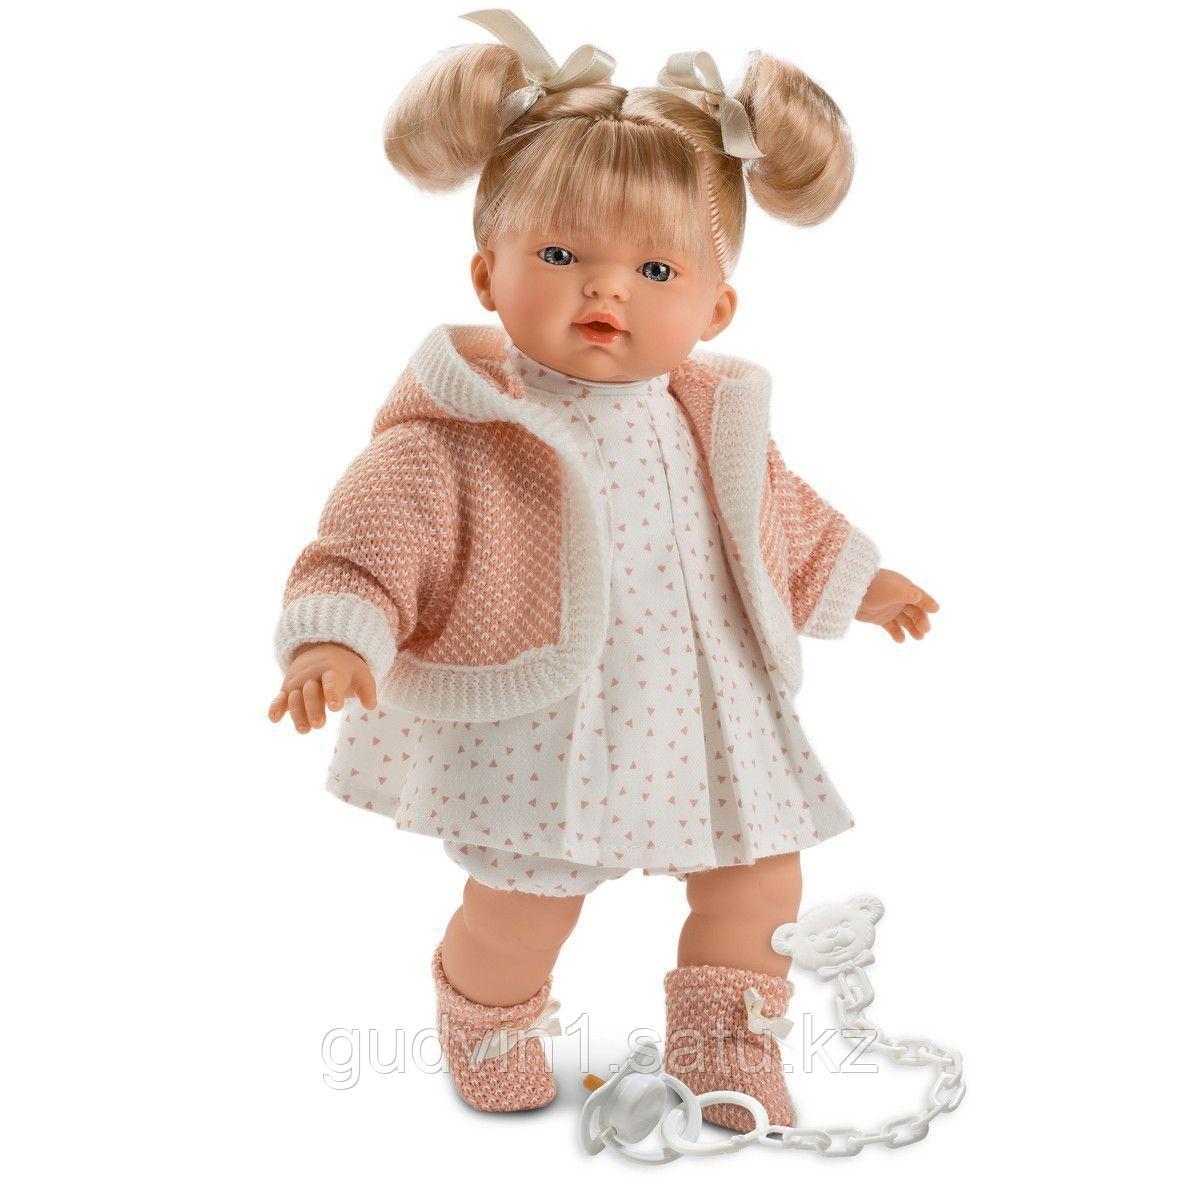 LLORENS: Кукла малышка Роберта 33 см, блондинка в розовой курточке 1024101